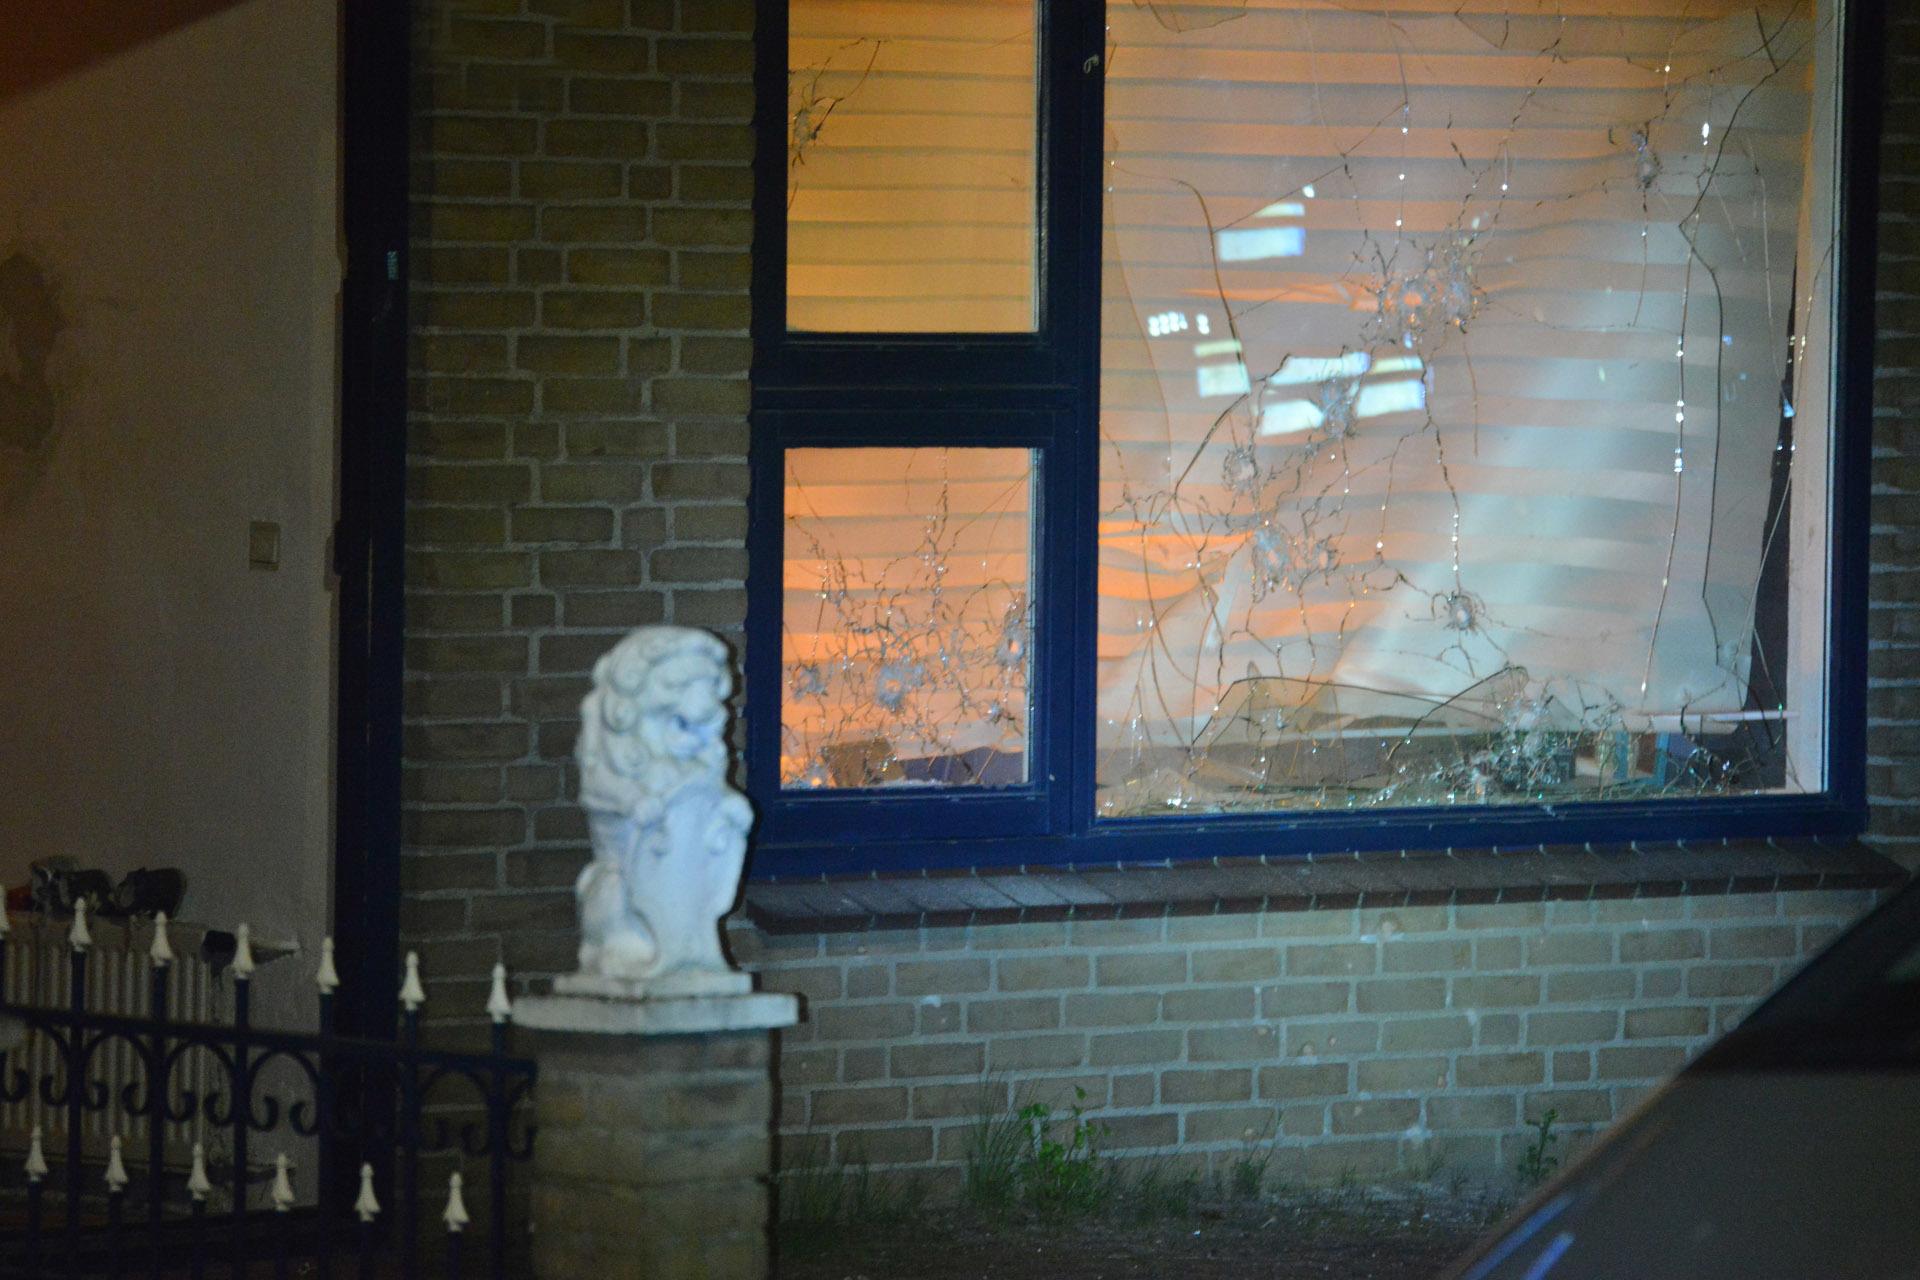 Met een explosief is maandagmorgen rond 3.30 uur veel schade aangericht bij een woning aan de Elzenbroek.